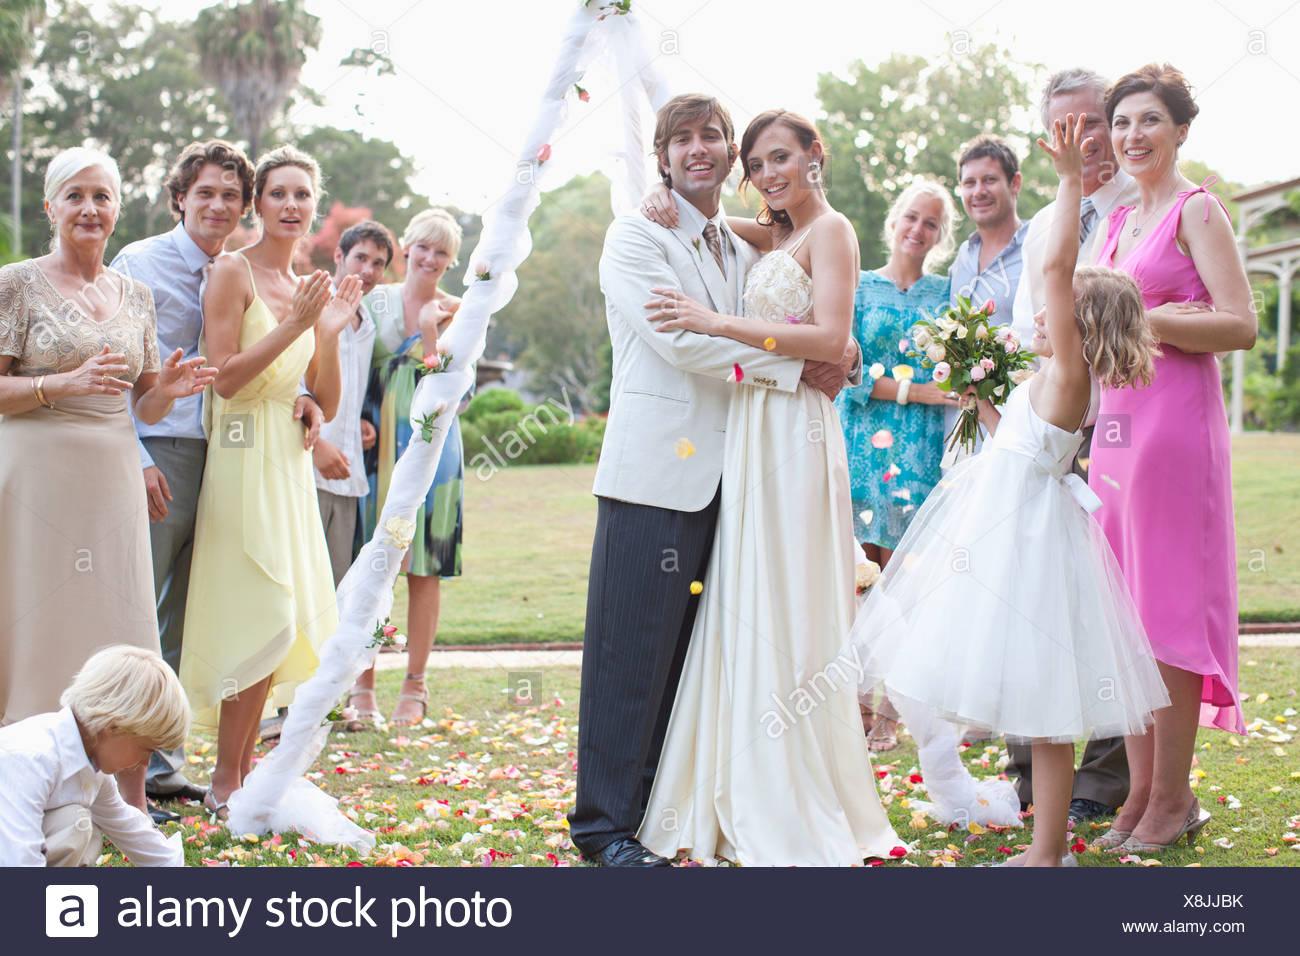 Los huéspedes con la novia y el novio sonriendo Imagen De Stock